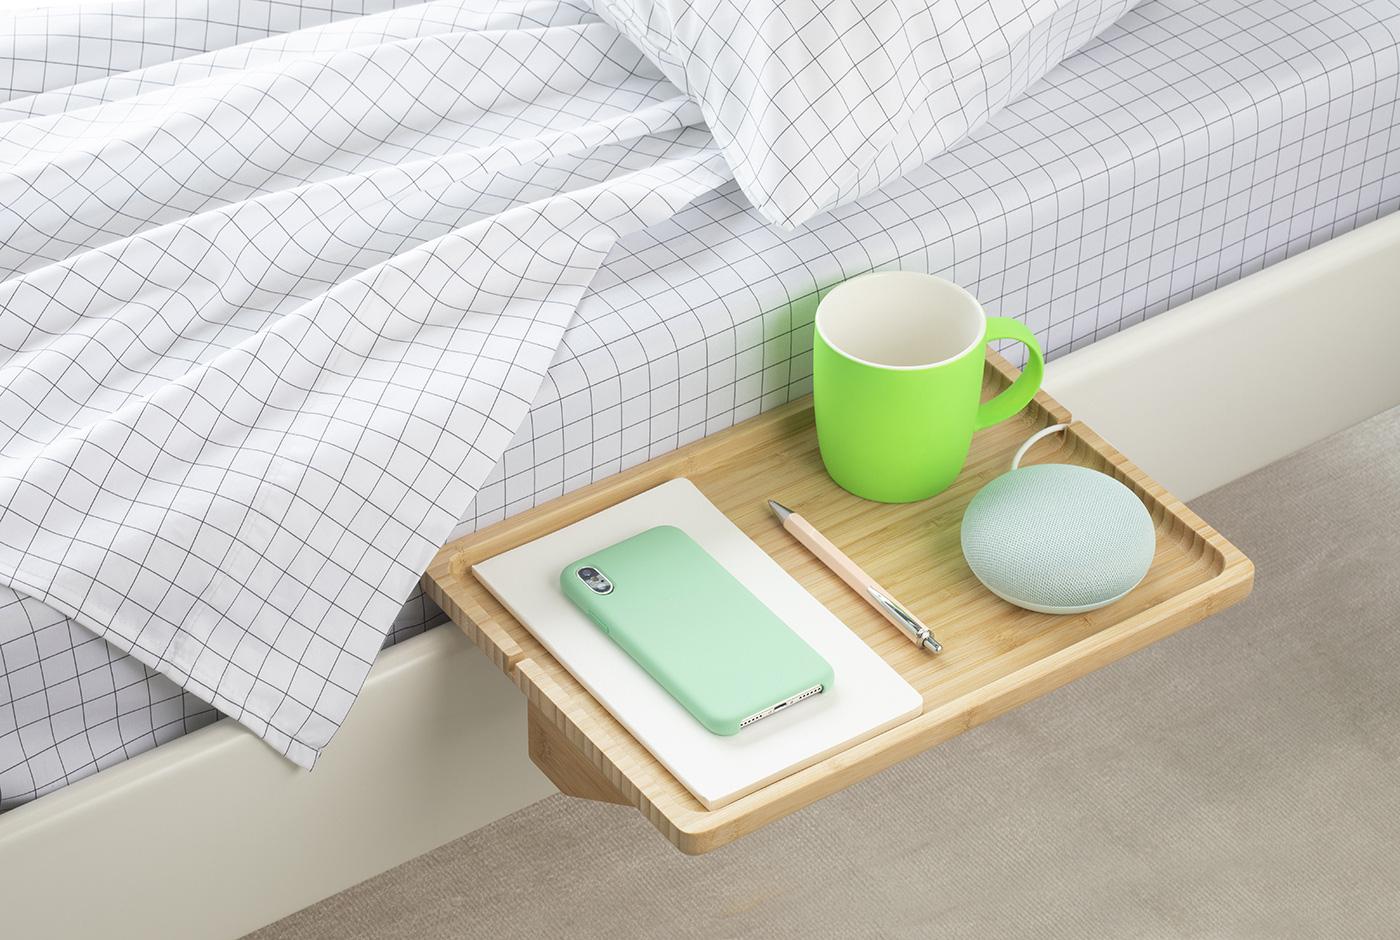 Chỉ cần kê thêm dụng cụ này, phòng ngủ nhỏ hẹp sẽ biến hóa trong tích tắc - Ảnh 1